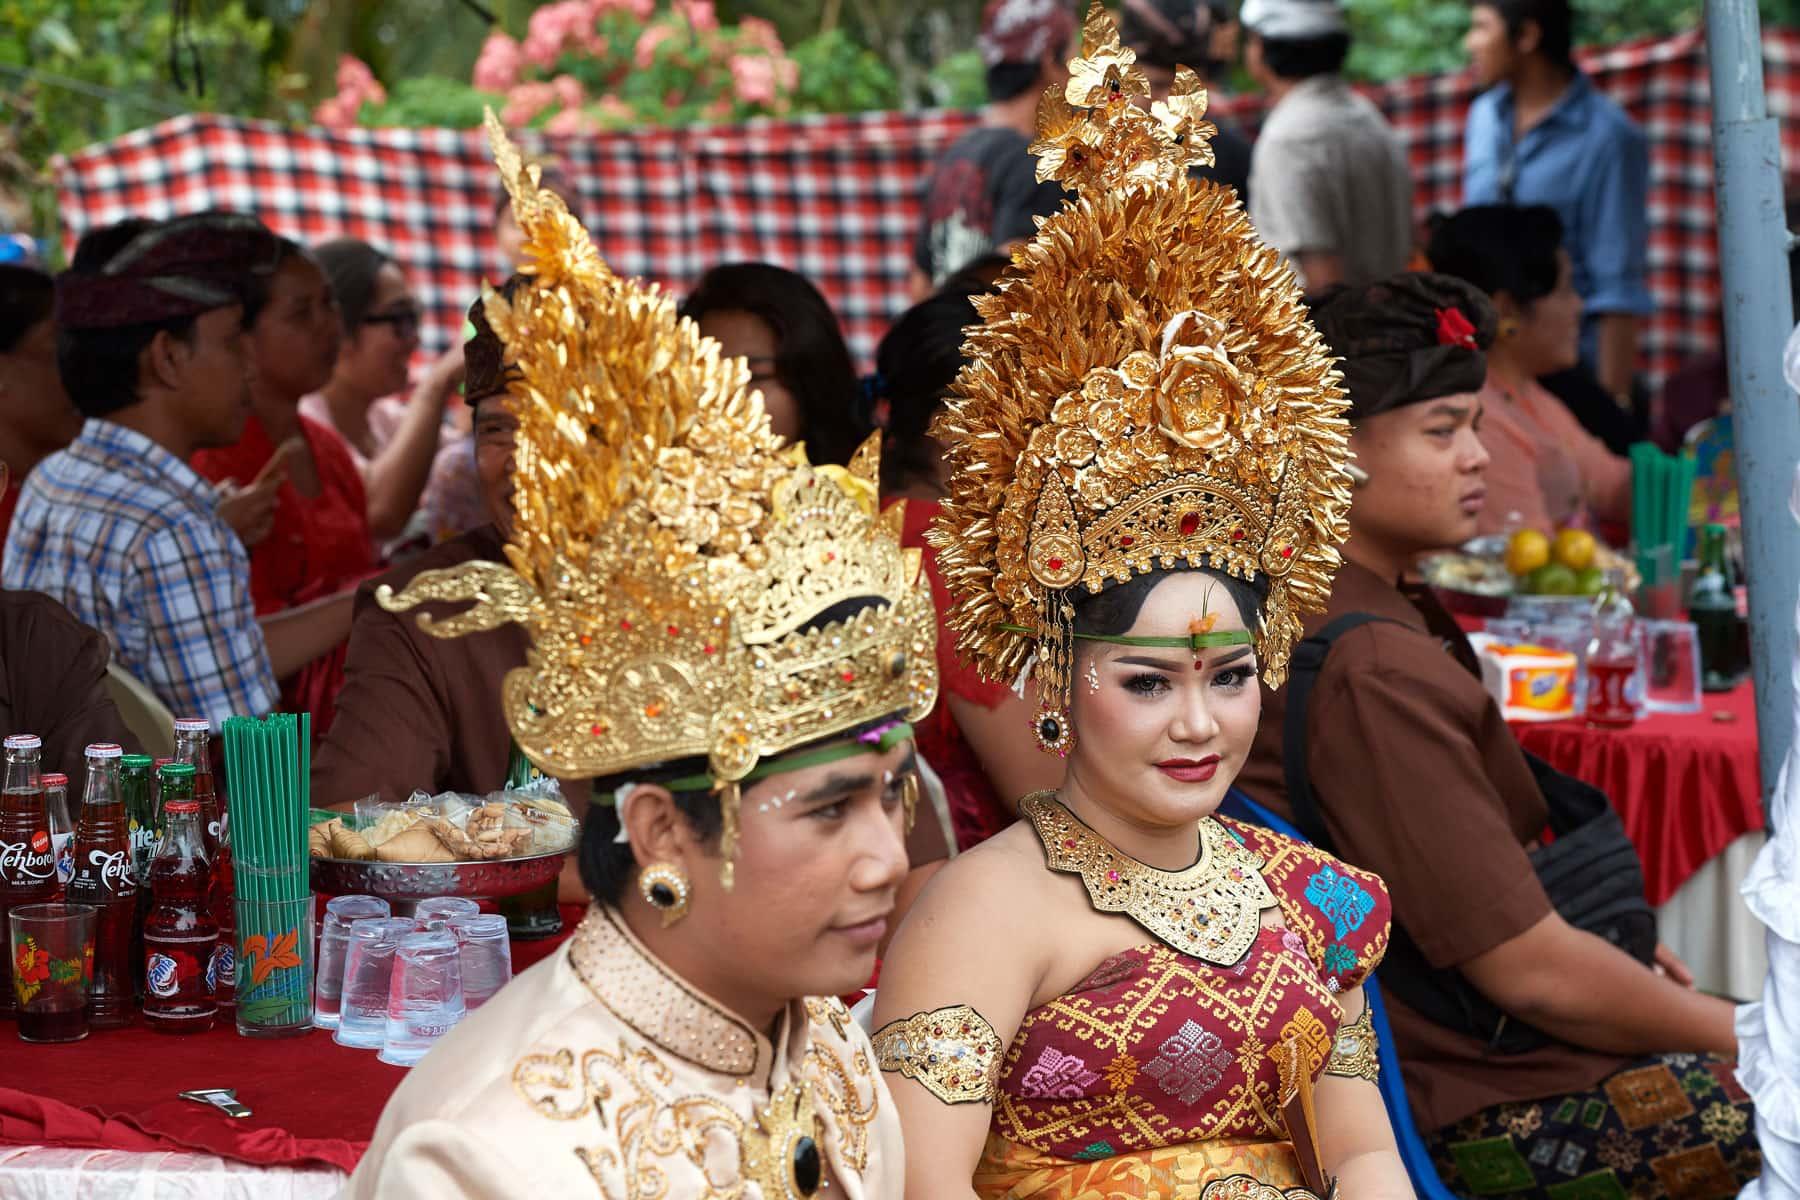 Das Foto zeigt eine balinesische Hochzeitsfeier bei das Hofer chzeitspaar im Vordergrund zu sehen ist